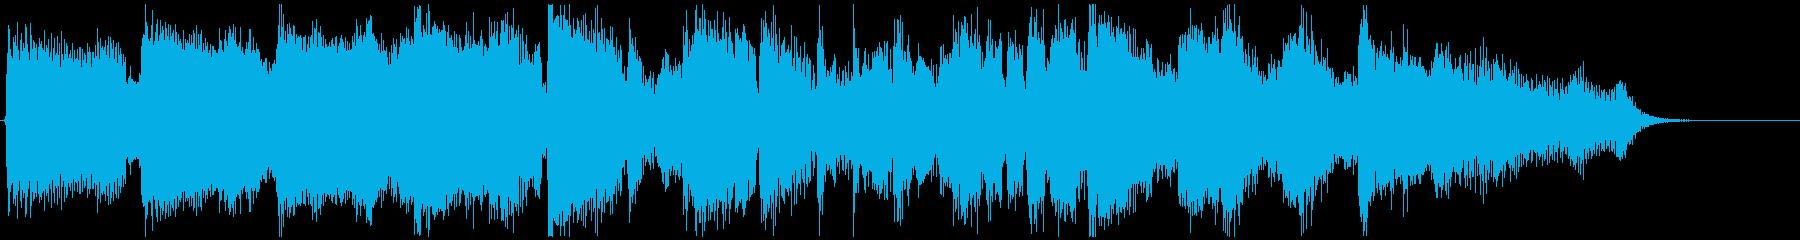 CM向け15秒ジャズ■優雅で上品なワルツの再生済みの波形